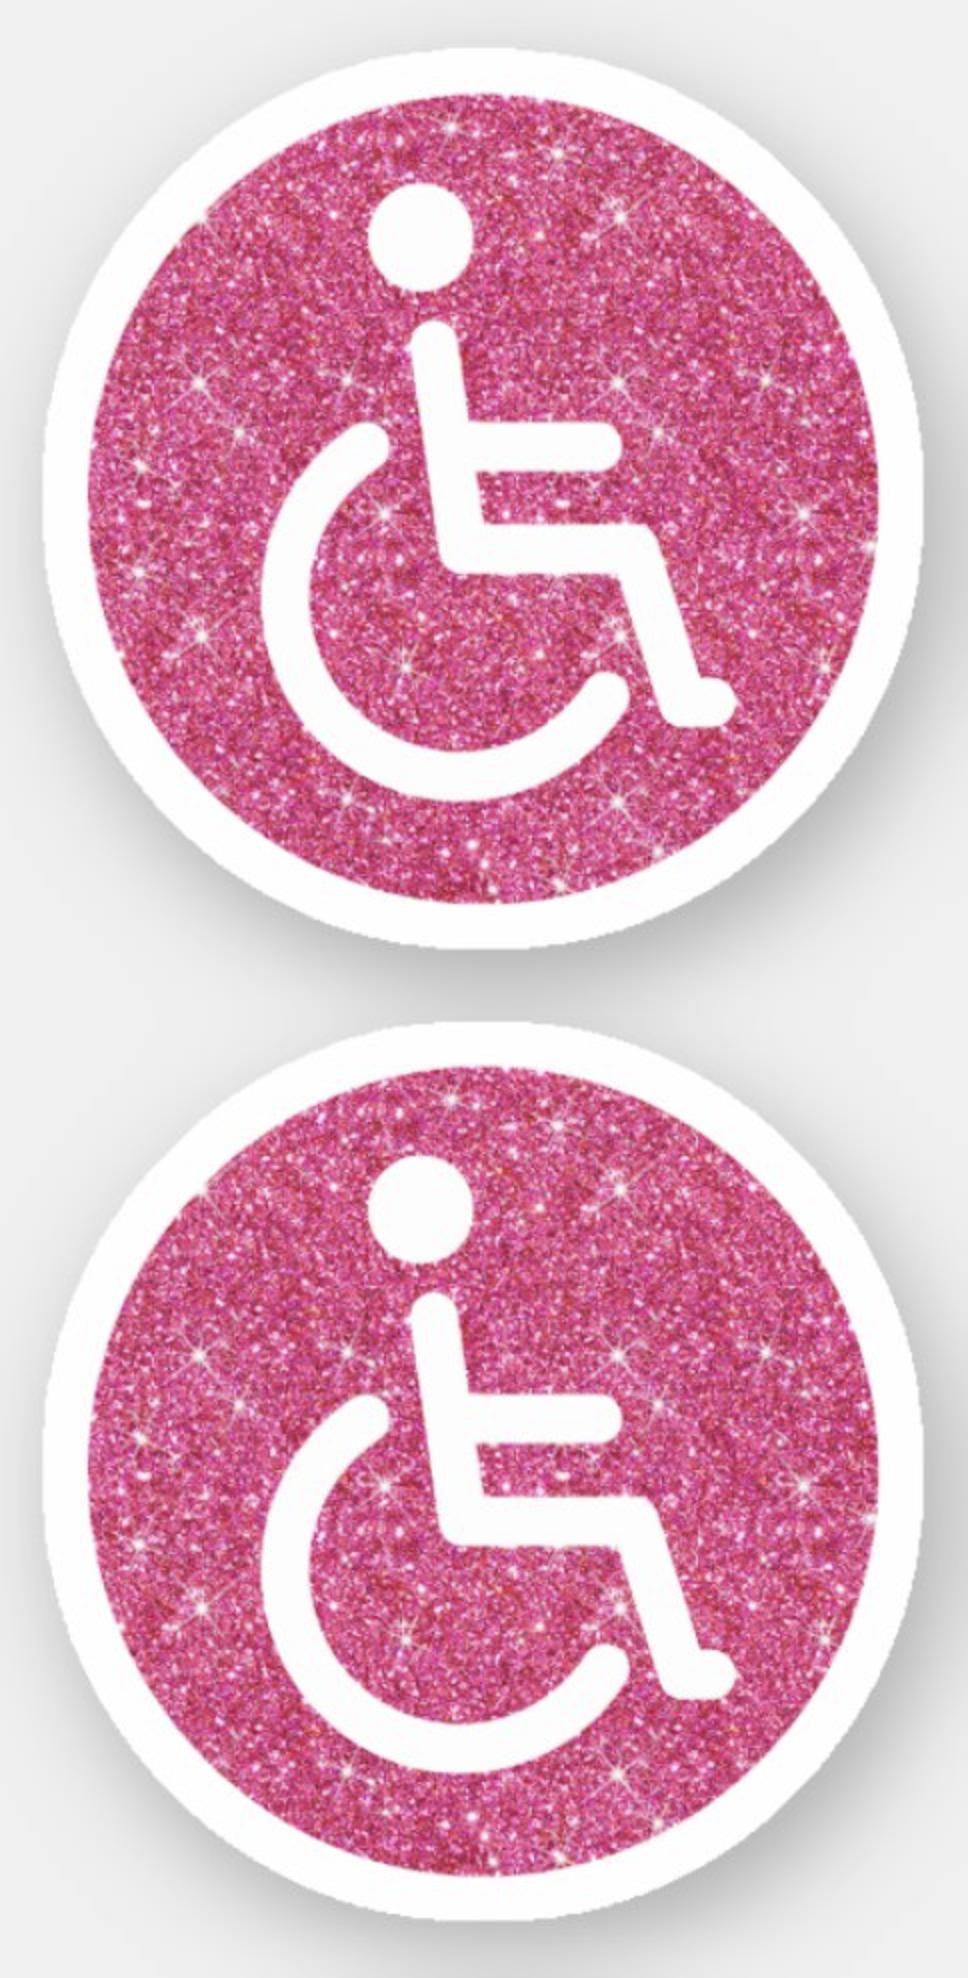 Pink Glitter Disabled Handicap Symbol Sticker Zazzle Com Pink Glitter Background Pink Glitter Glitter Background [ 1978 x 968 Pixel ]